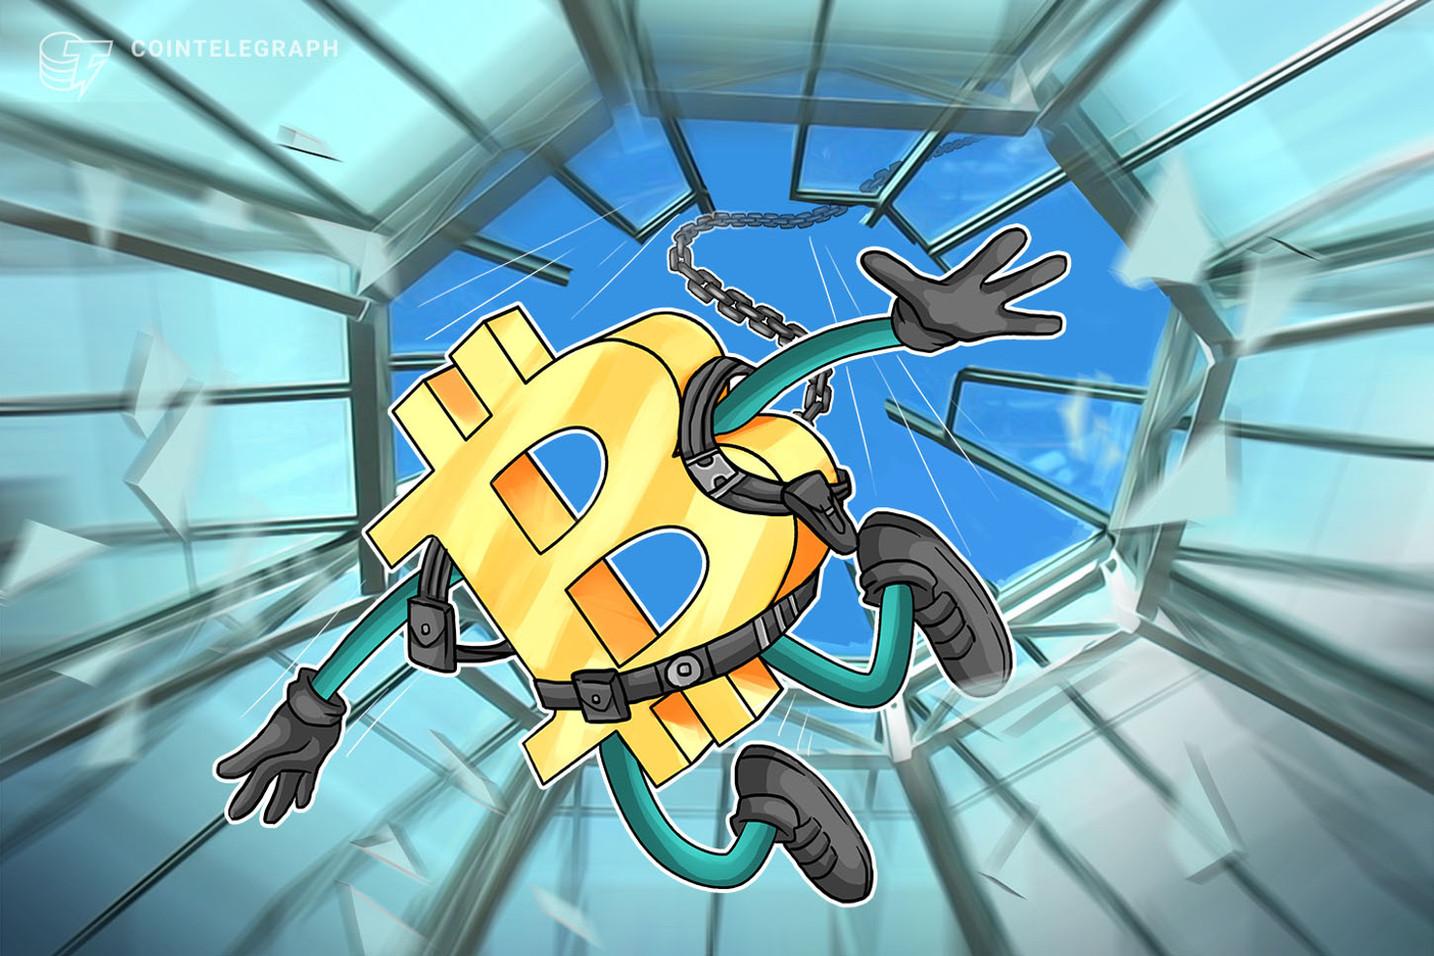 崩れる秩序 ビットメックスから仮想通貨ビットコインの流出止まらず